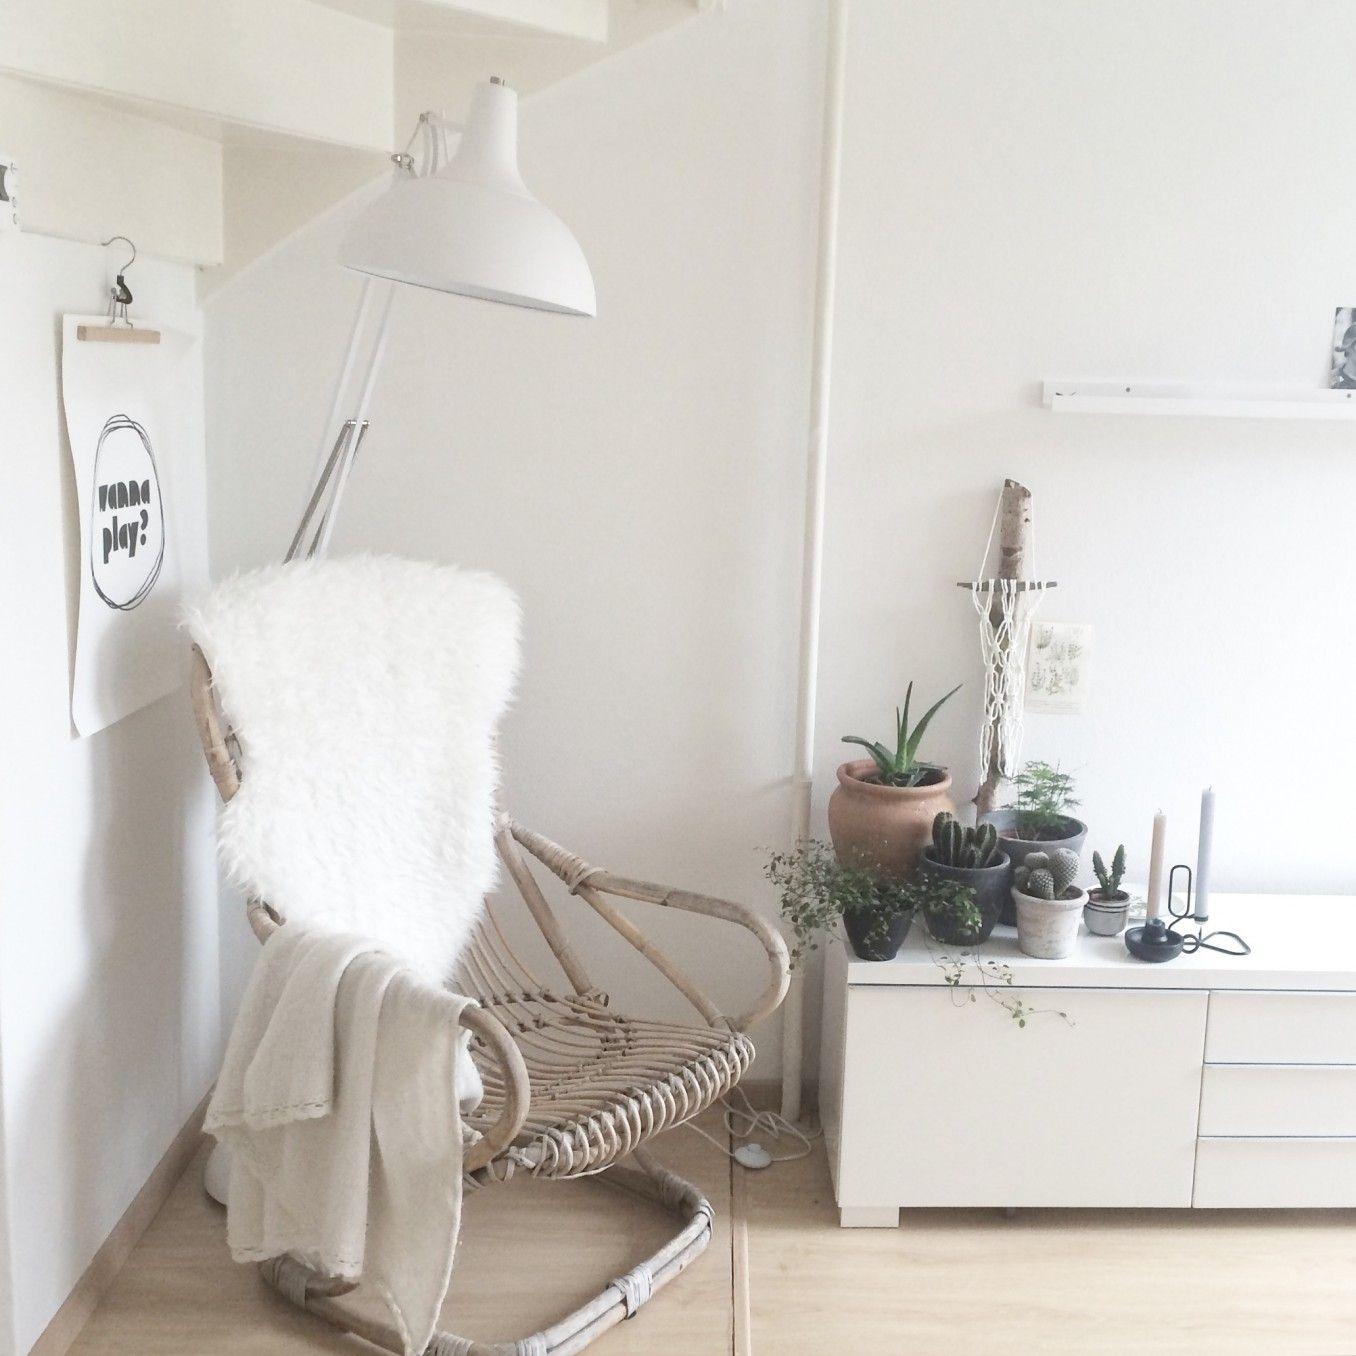 woonkamer - Ik ben heel blij met dit witte gedeelte in de woonkamer. Het is fris, ruimtelijk en de planten komen mooi tot hun recht.